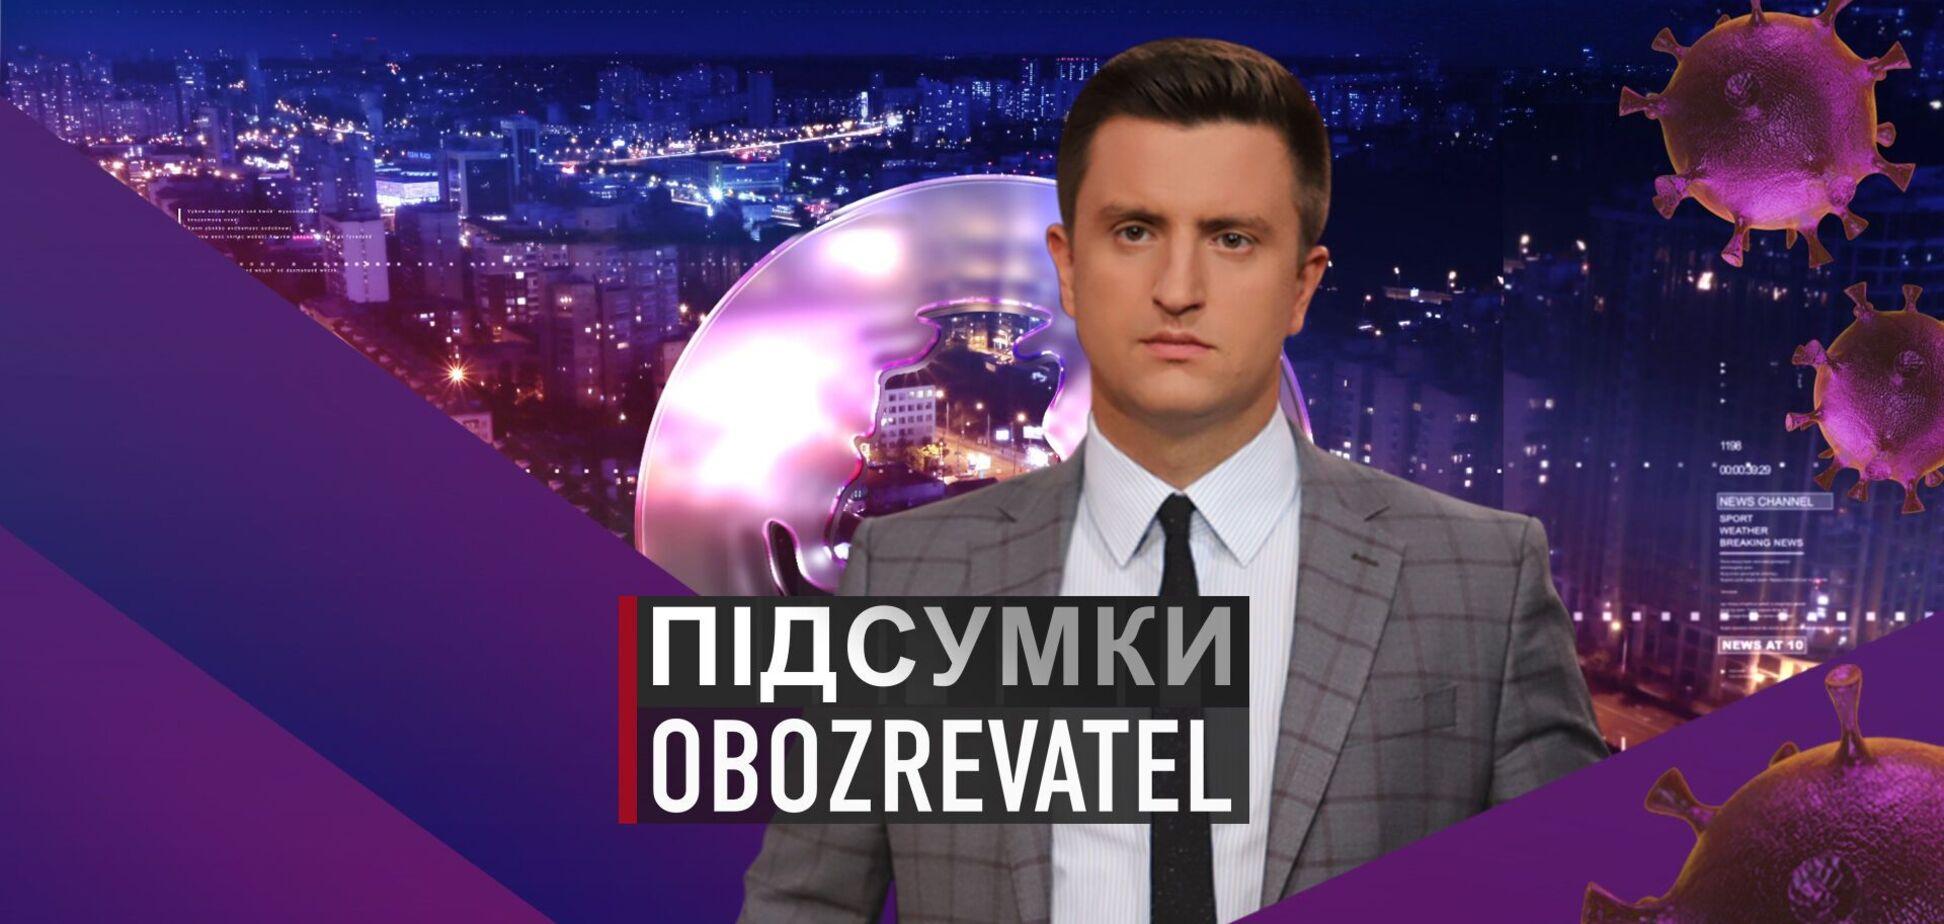 Підсумки с Вадимом Колодийчуком. Понедельник, 19 апреля